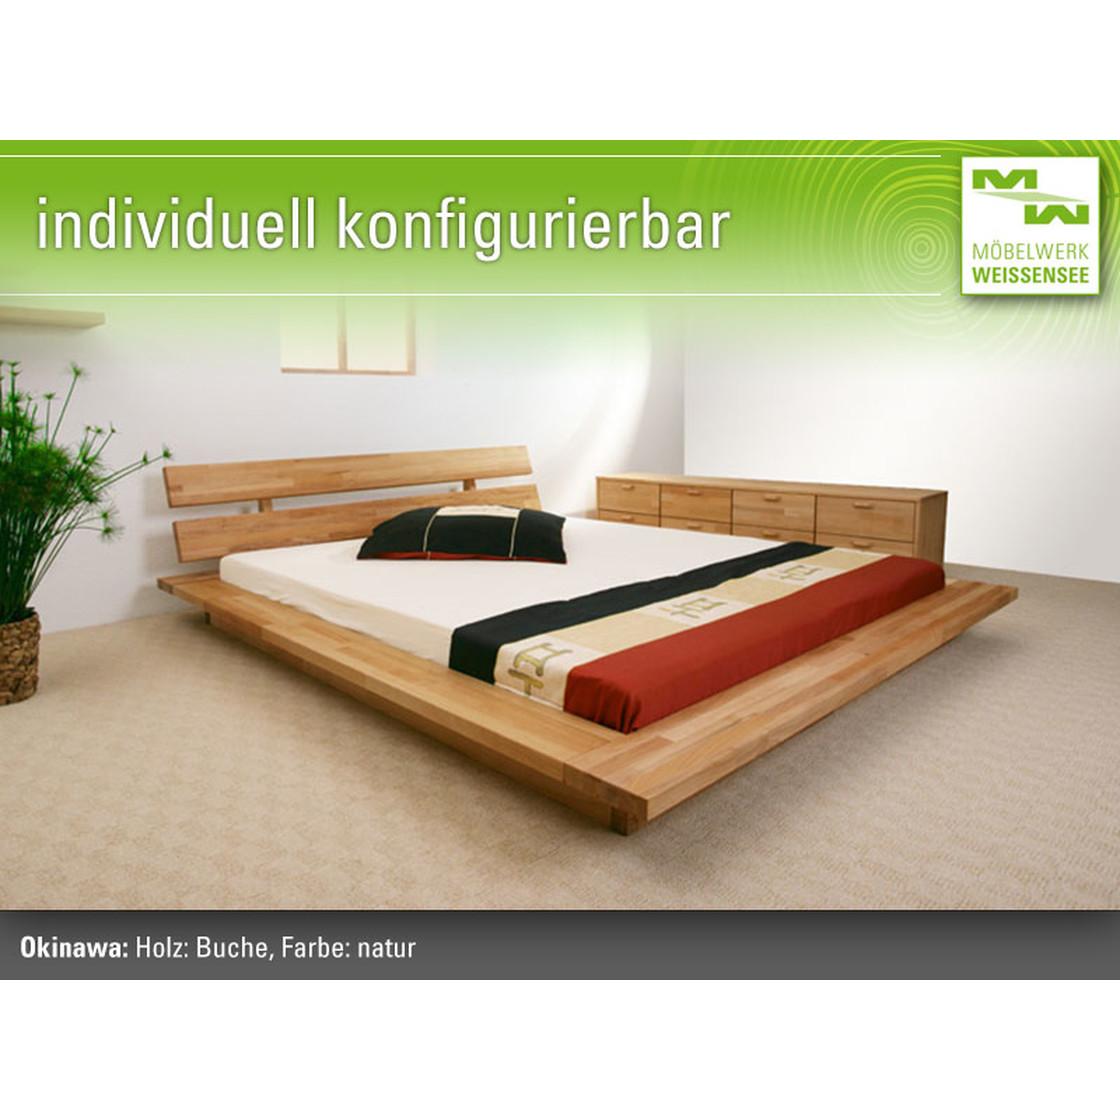 Full Size of Futonbett 100x200 Okinawa Massivholzbetten Werksverkauf Bett Weiß Betten Wohnzimmer Futonbett 100x200